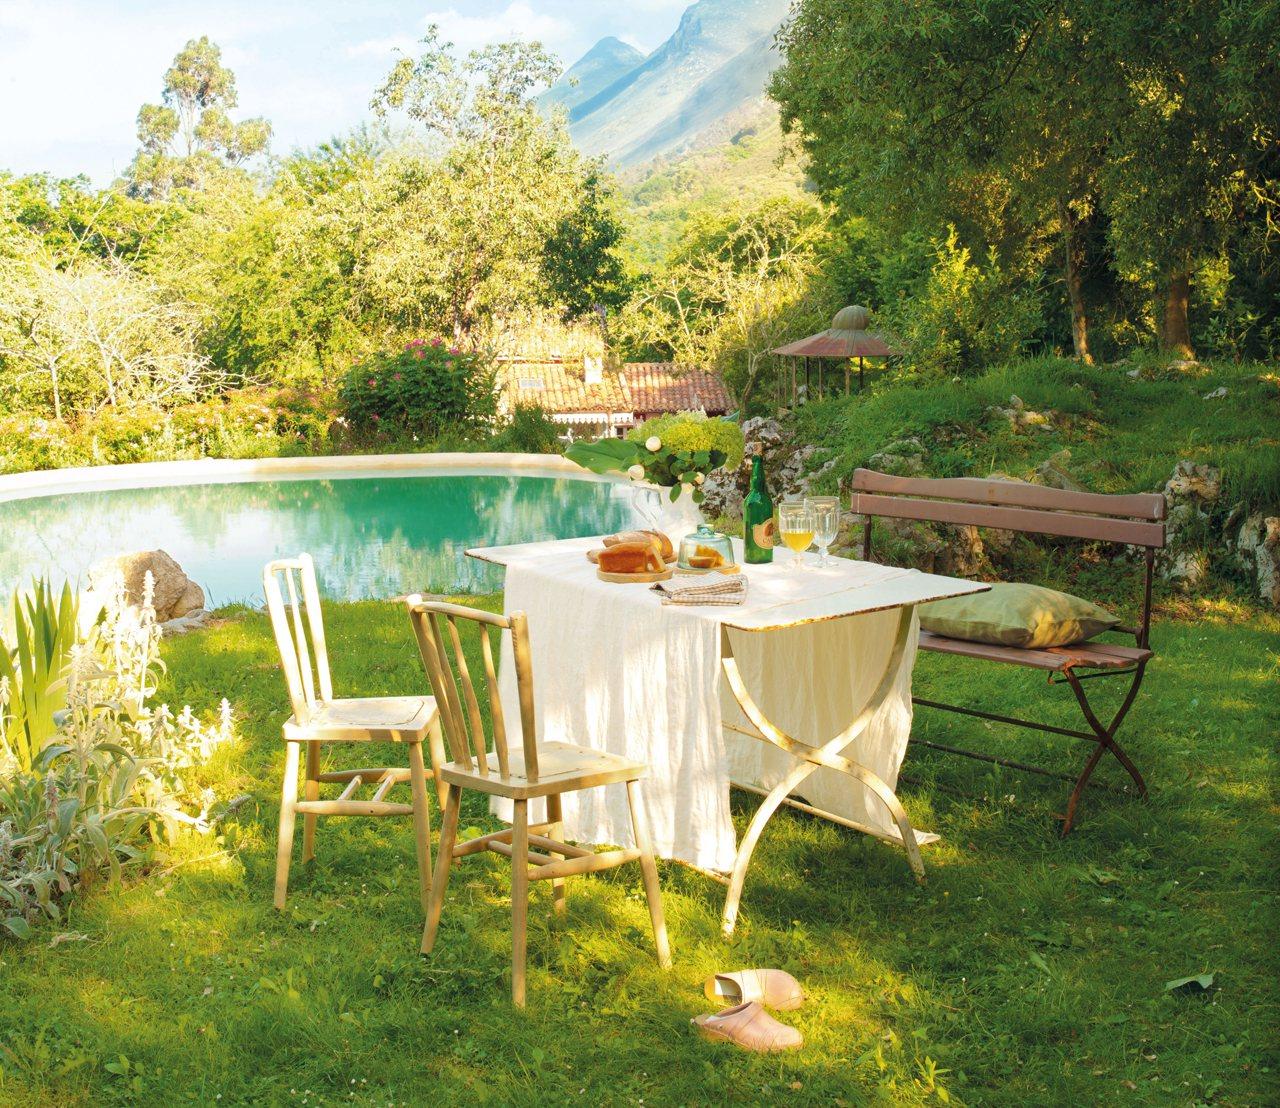 Las claves de 4 expertos para crear un jard n ideal Piscina natural jardin